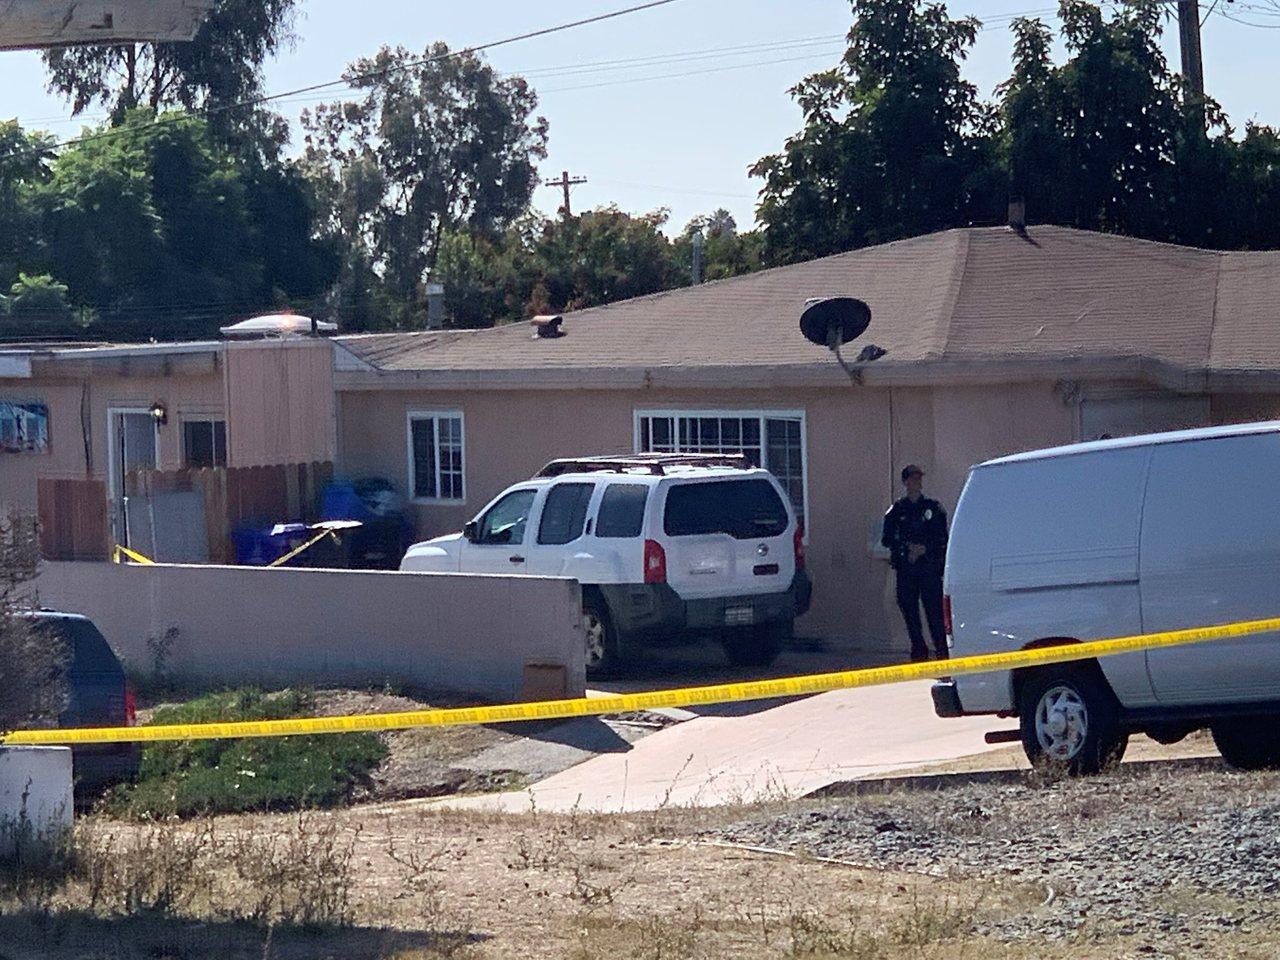 加州聖地牙哥發生人倫慘案,一名男子疑因離婚分產糾紛開槍打死太太與三名幼兒後自盡。...